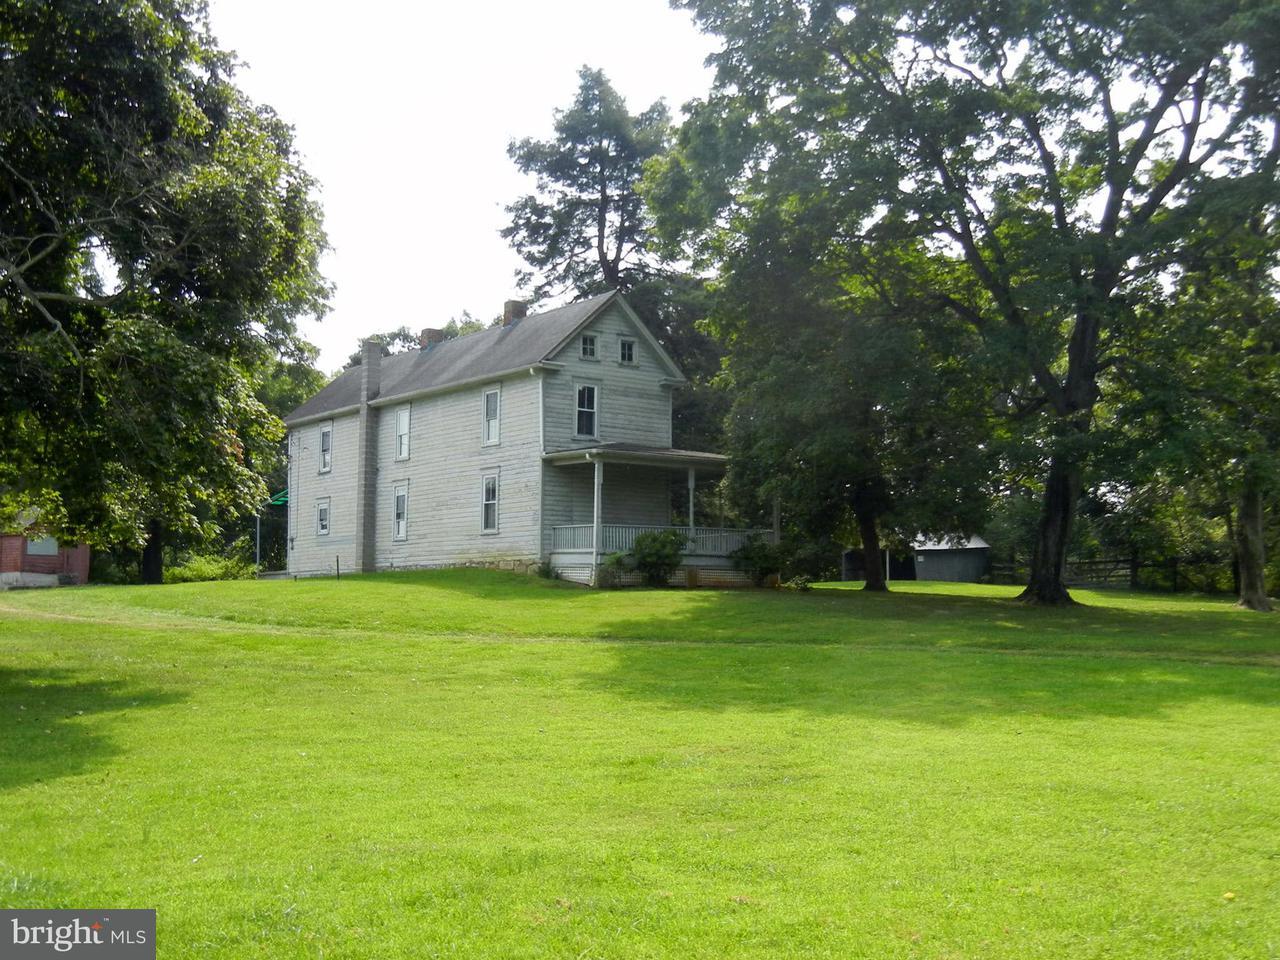 农场 为 销售 在 6636 Flowing Springs Road 6636 Flowing Springs Road Shenandoah Junction, 西弗吉尼亚州 25442 美国